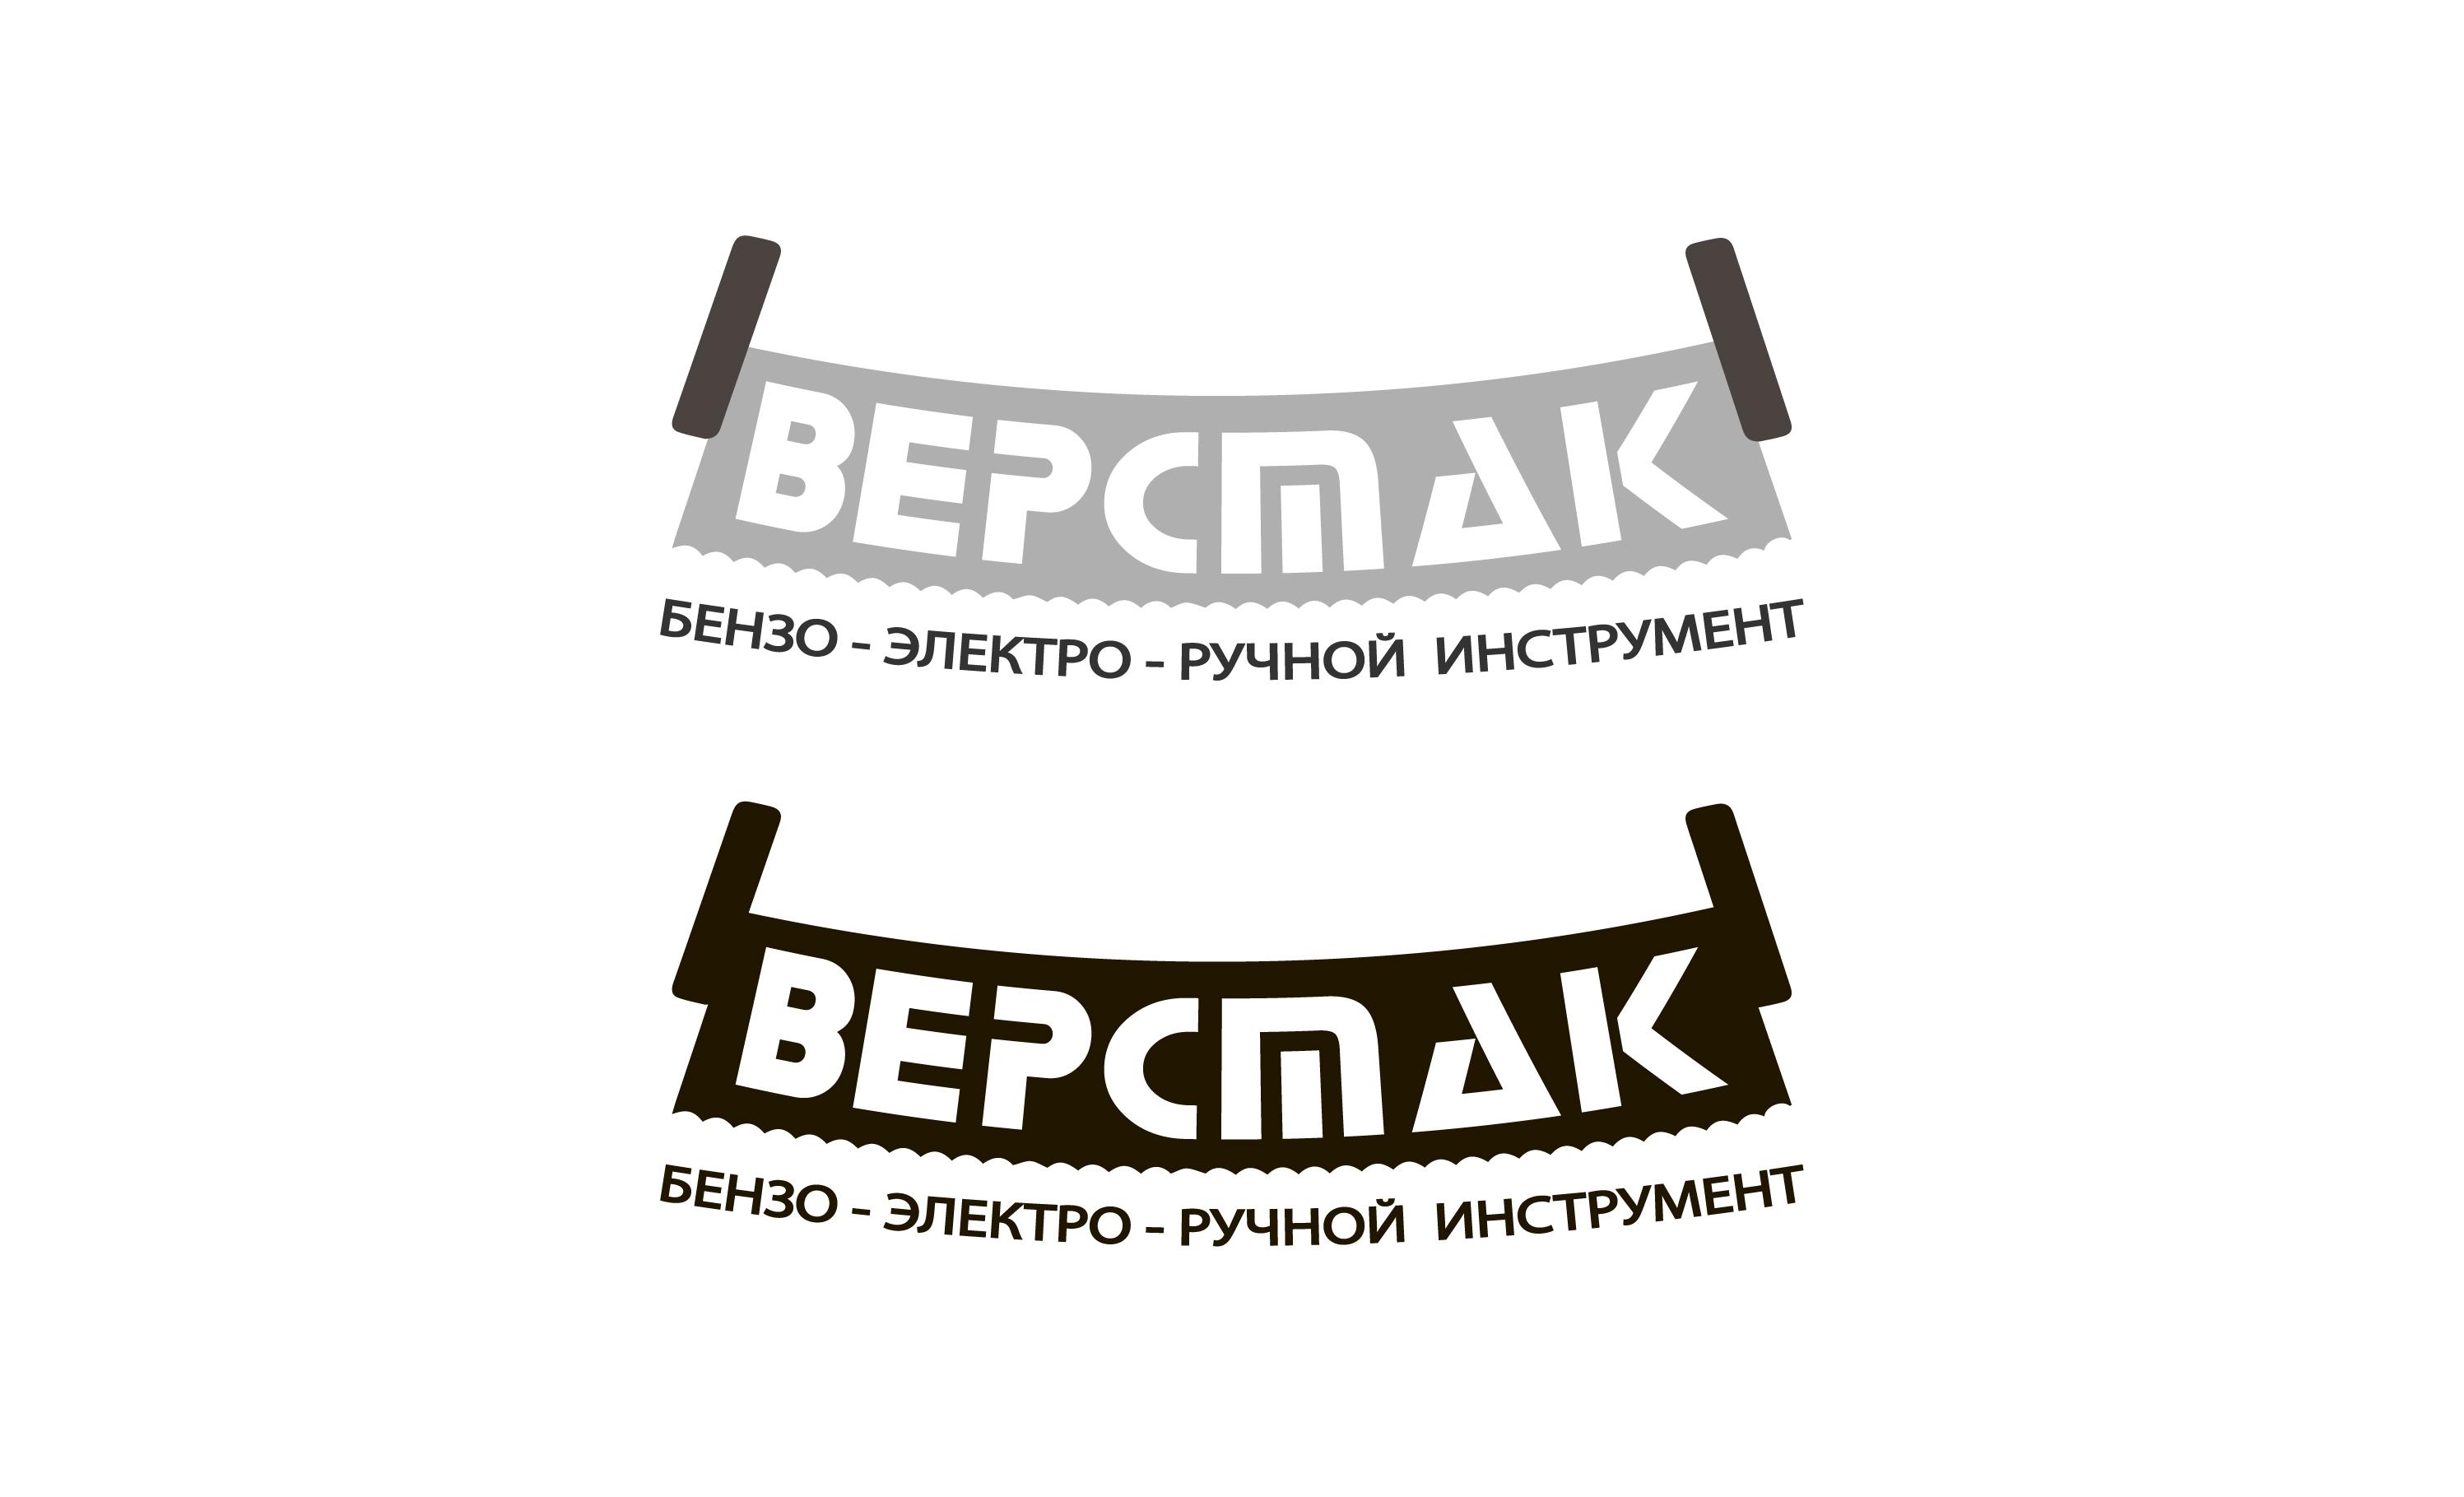 Логотип магазина бензо, электро, ручного инструмента фото f_8465a0f43c7e9d93.jpg